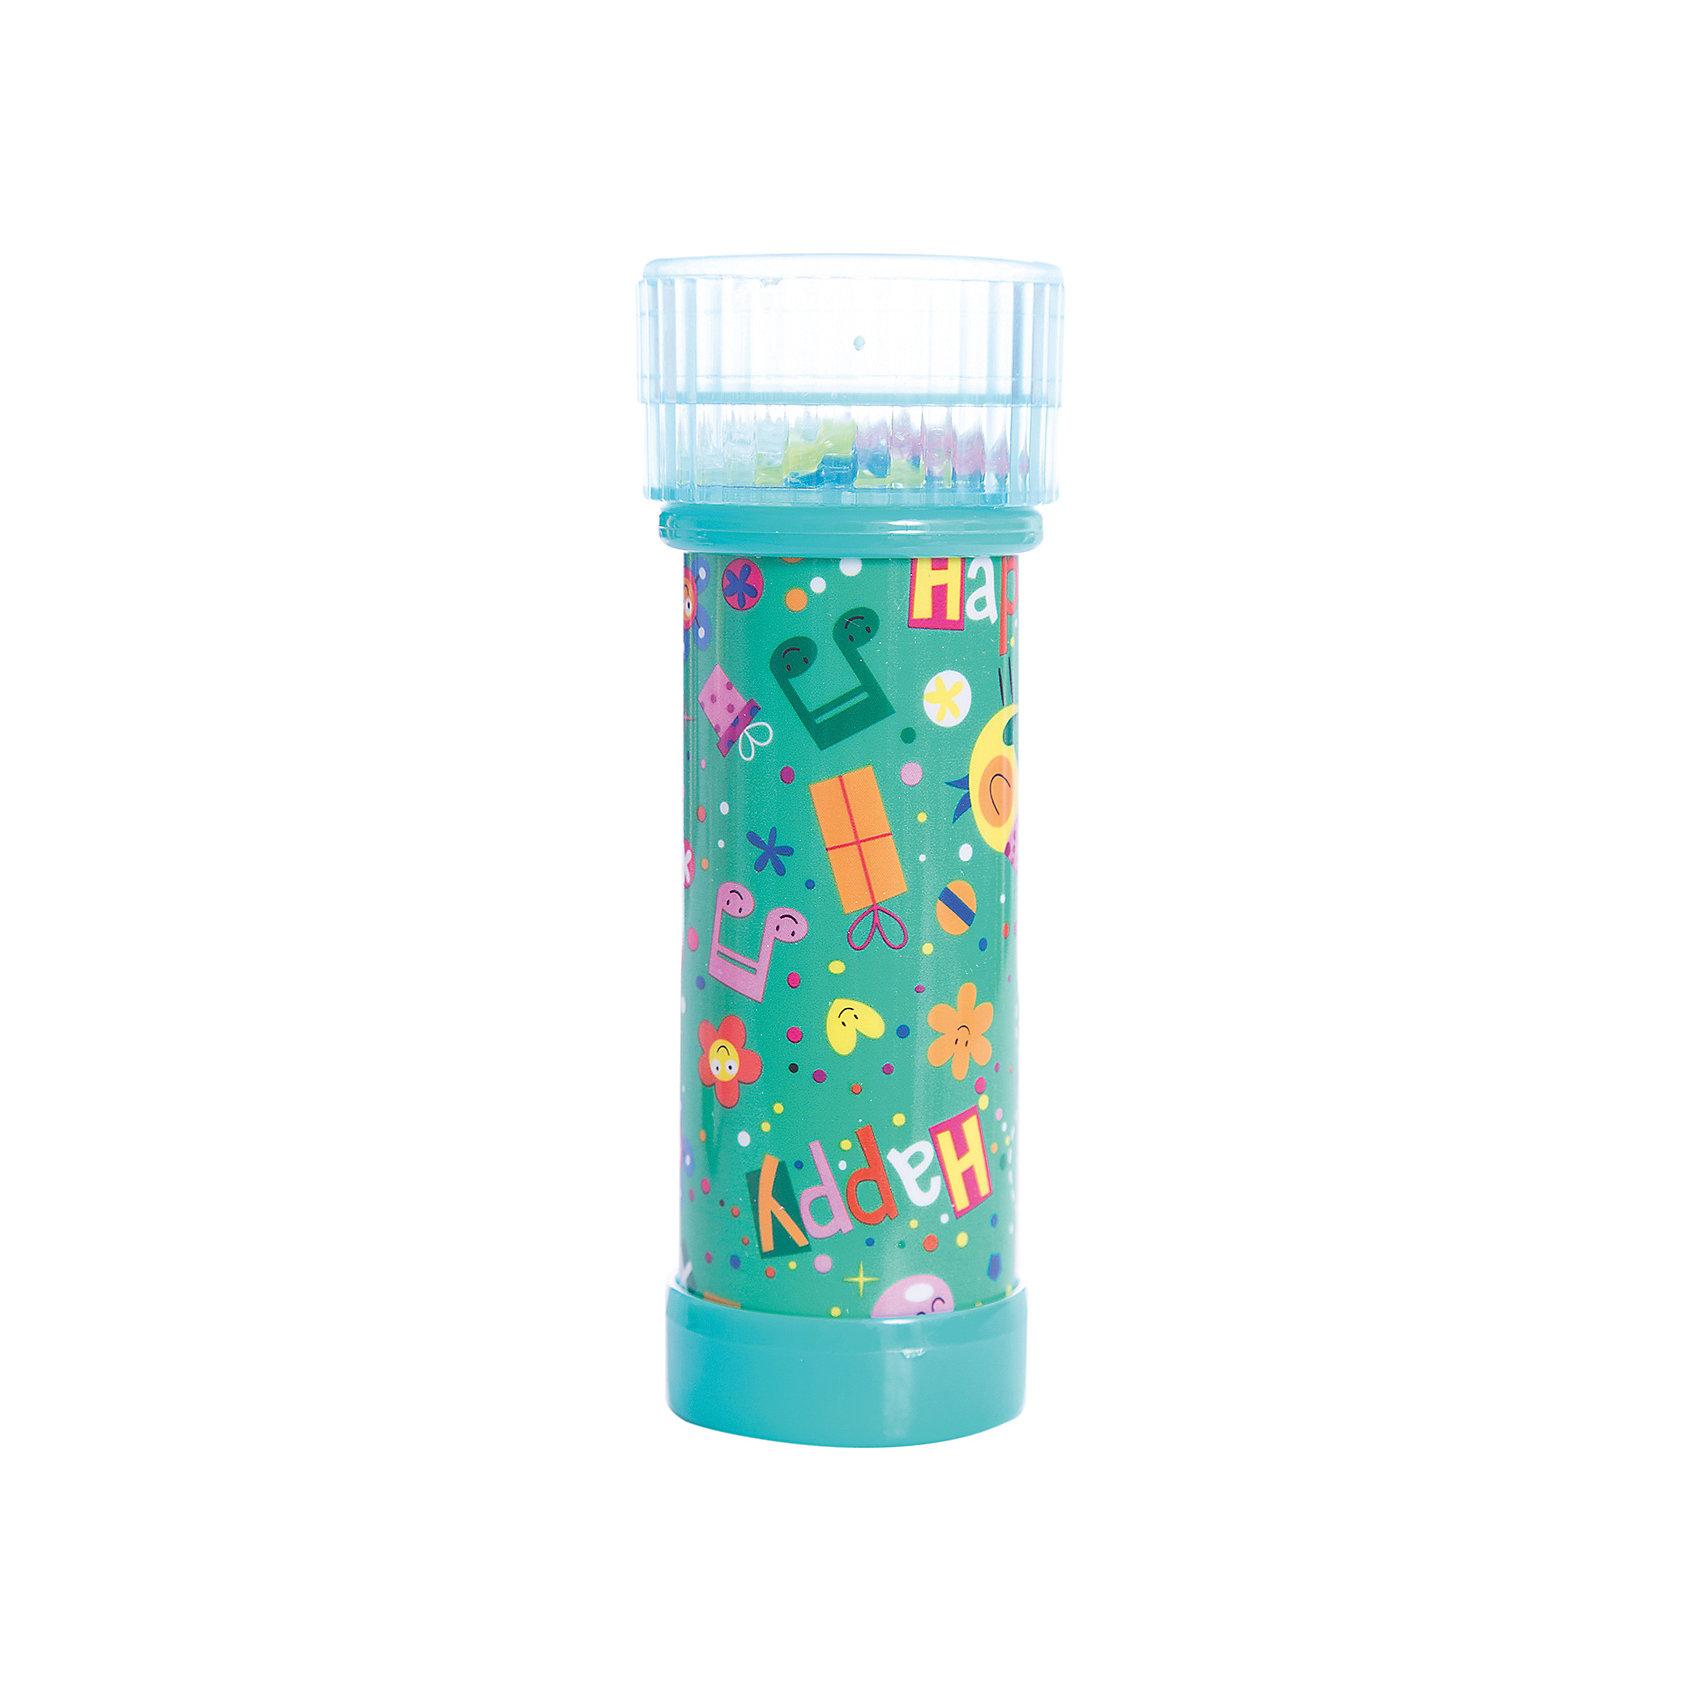 Калейдоскоп, KriblyBooКалейдоскопы<br>Калейдоскоп, KriblyBoo (Крибли Бу).<br><br>Характеристики:<br><br>• несколько ярких узоров<br>• материал: пластик<br>• размер упаковки: 5,5х5,5х13,5 см<br>• вес: 200 грамм<br><br>Калейдоскоп - игрушка, полюбившаяся не одному поколению детей. Мелкие предметы, находящиеся внутри игрушки, создадут иллюзию красочных узоров. Калейдоскоп - прекрасный подарок для любознательных детей!<br><br>Калейдоскоп, KriblyBoo (Крибли Бу) вы можете купить в нашем интернет-магазине.<br><br>Ширина мм: 135<br>Глубина мм: 55<br>Высота мм: 55<br>Вес г: 200<br>Возраст от месяцев: 36<br>Возраст до месяцев: 120<br>Пол: Женский<br>Возраст: Детский<br>SKU: 5017661